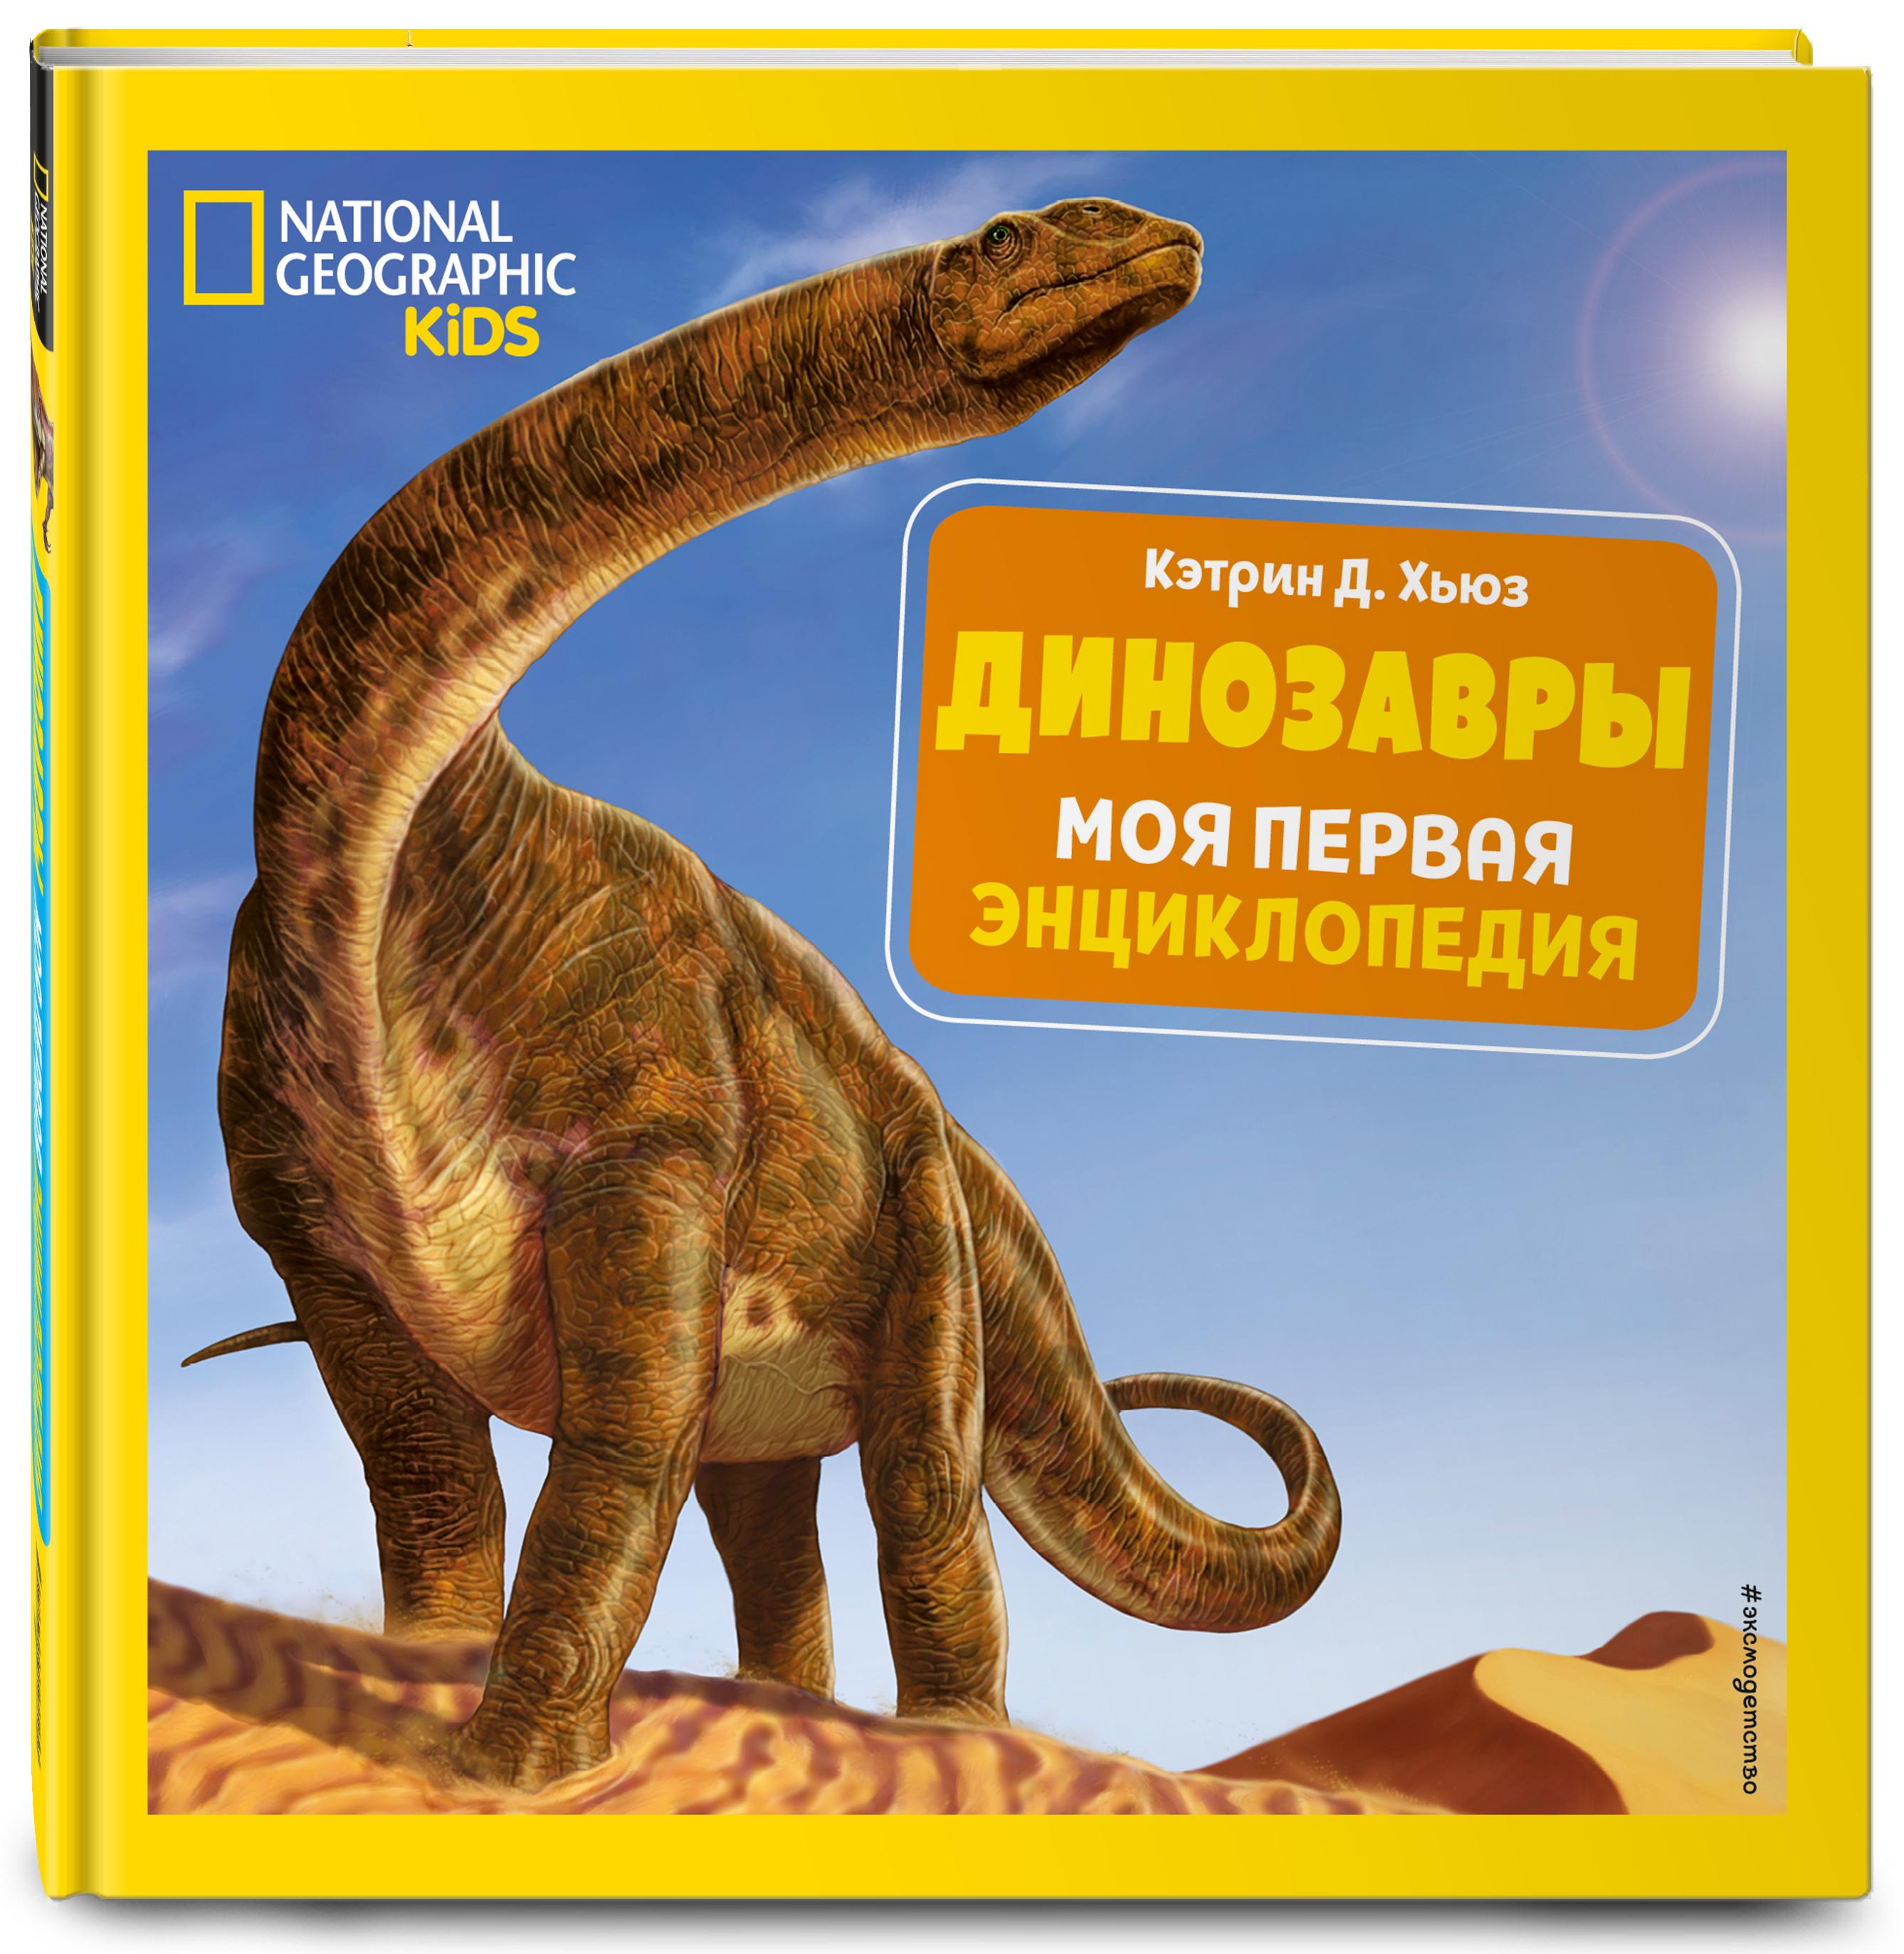 Динозавры. Моя первая энциклопедия ( Хьюз Кэтрин Д.  )